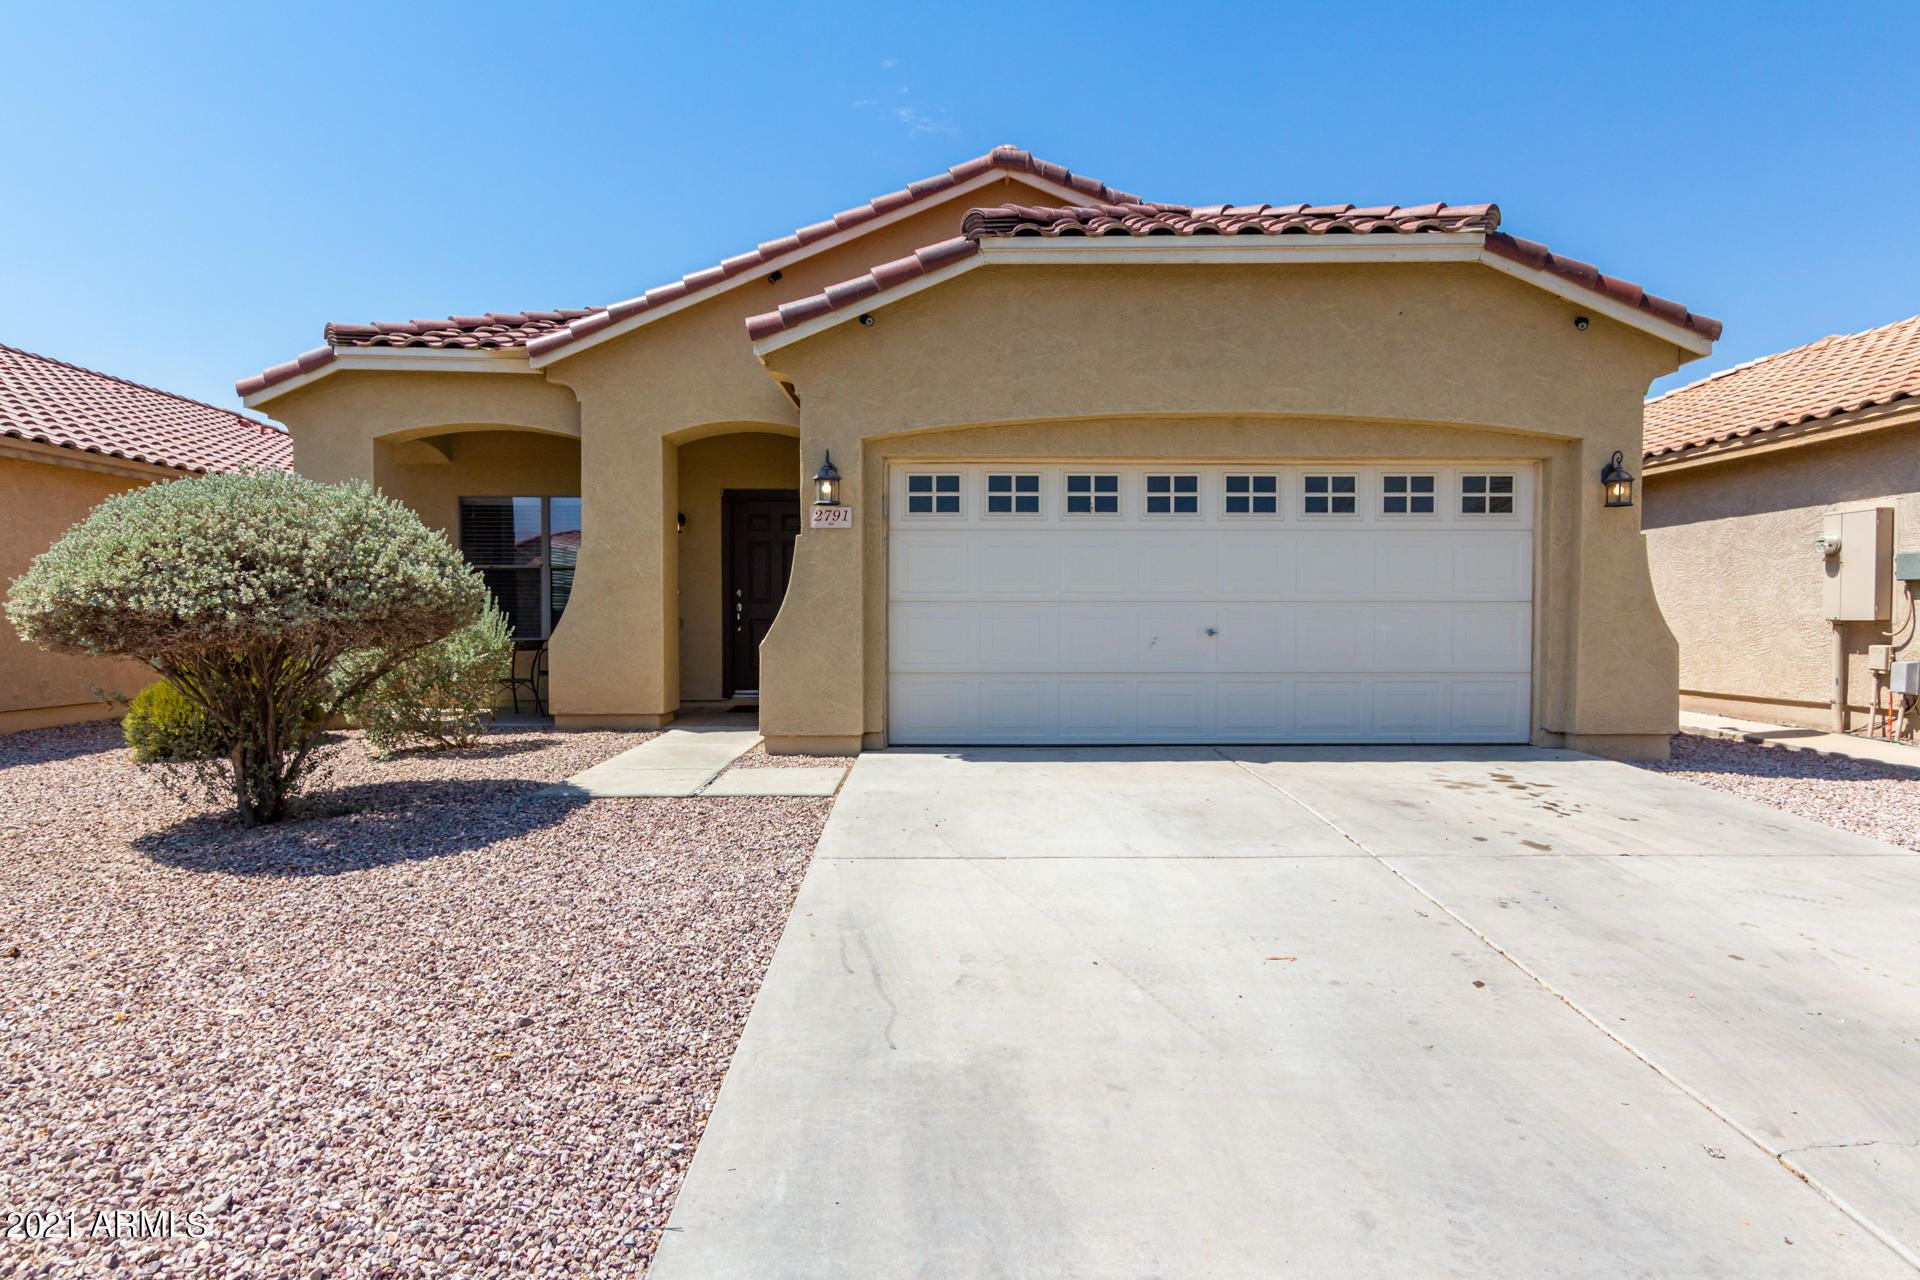 2791 W SANTA CRUZ Avenue, Queen Creek, AZ 85142 - MLS#: 6259326